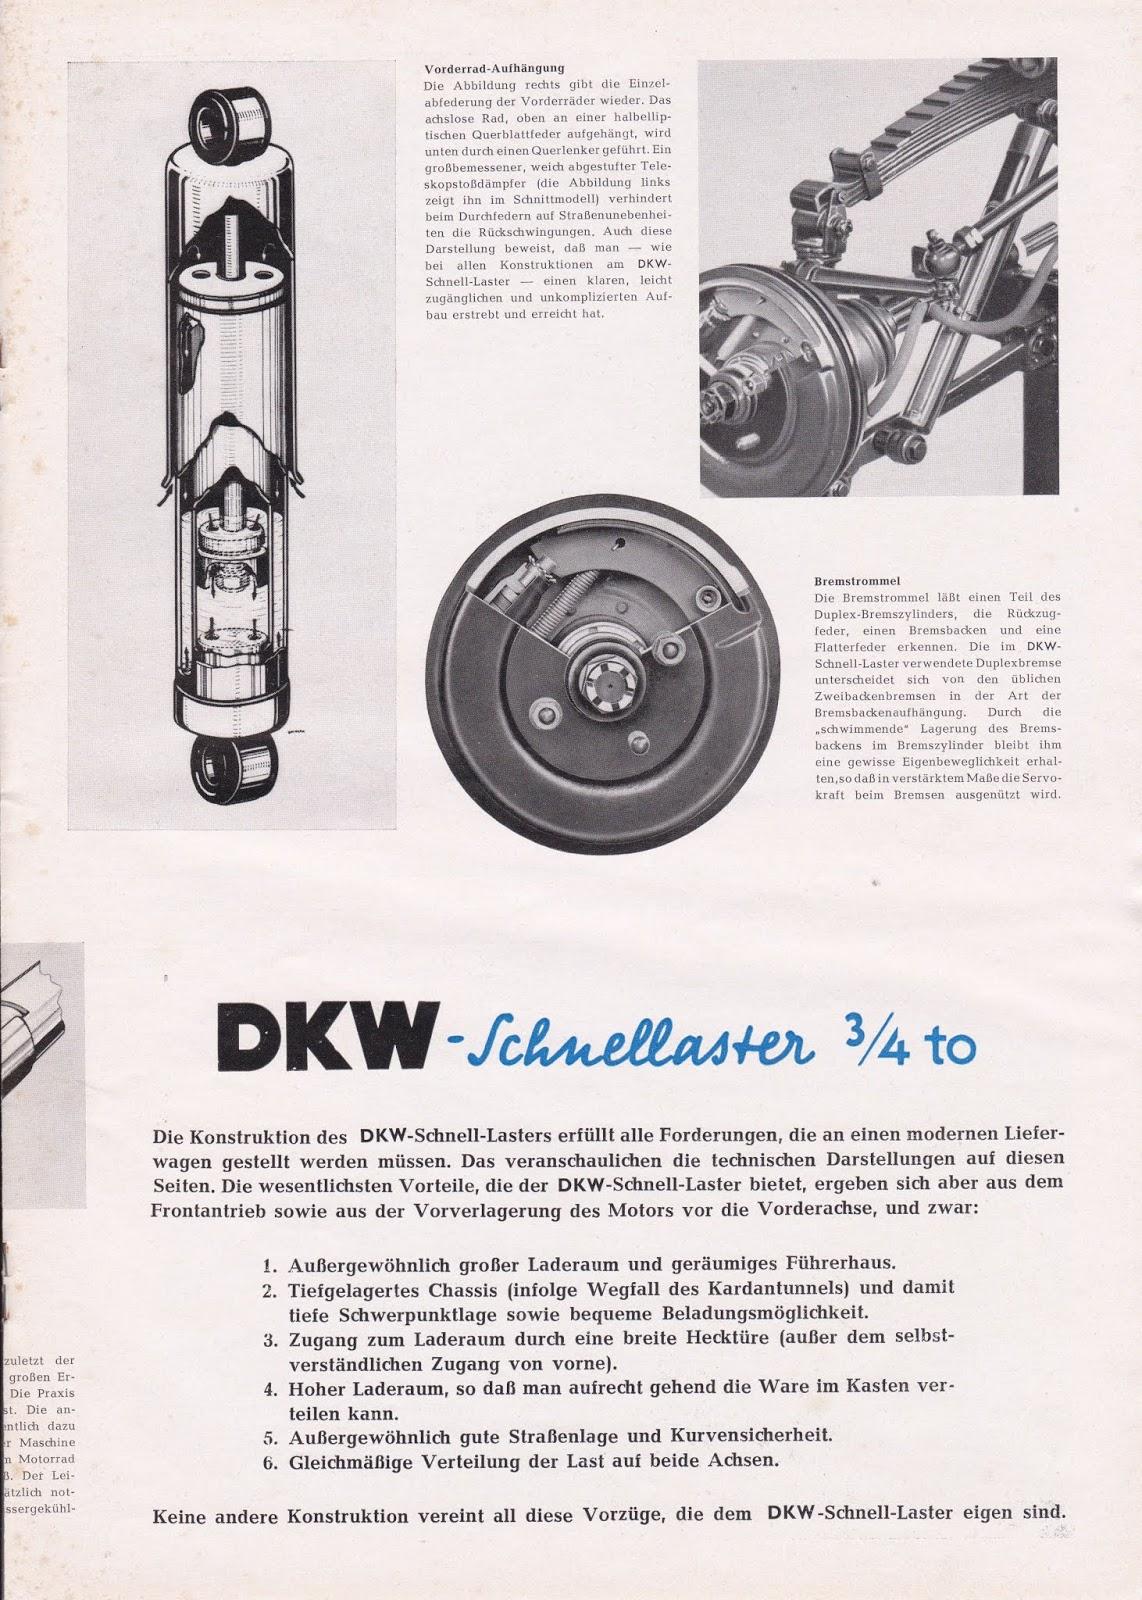 Garage Kasten Praxis.Dkw Auto Union Project 1951 Dkw Nachrichten Vol 10